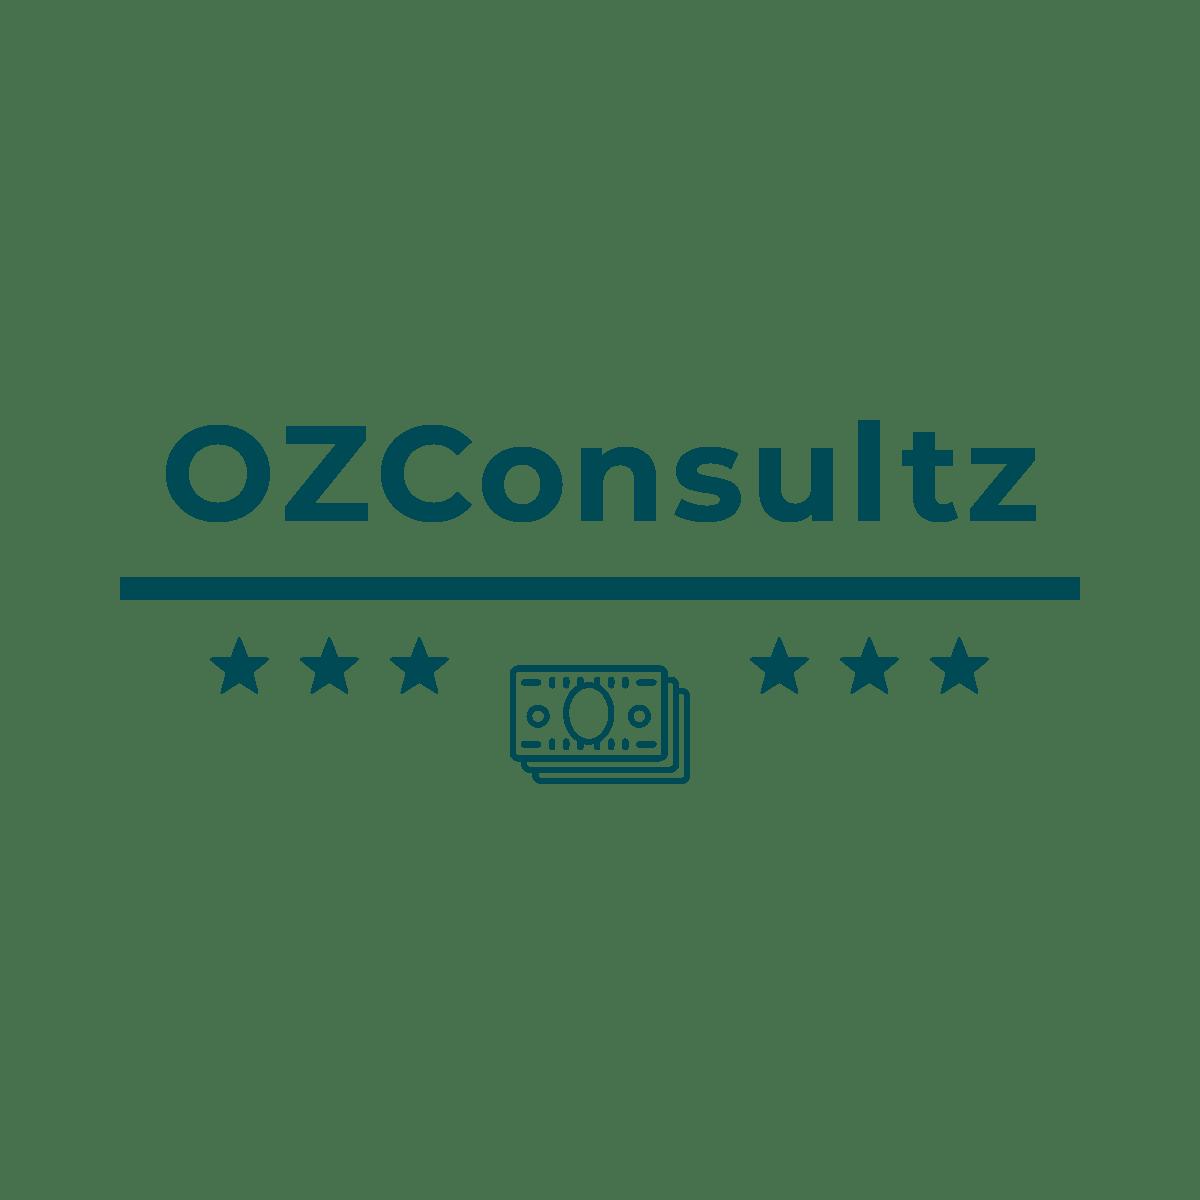 Ozconsultz